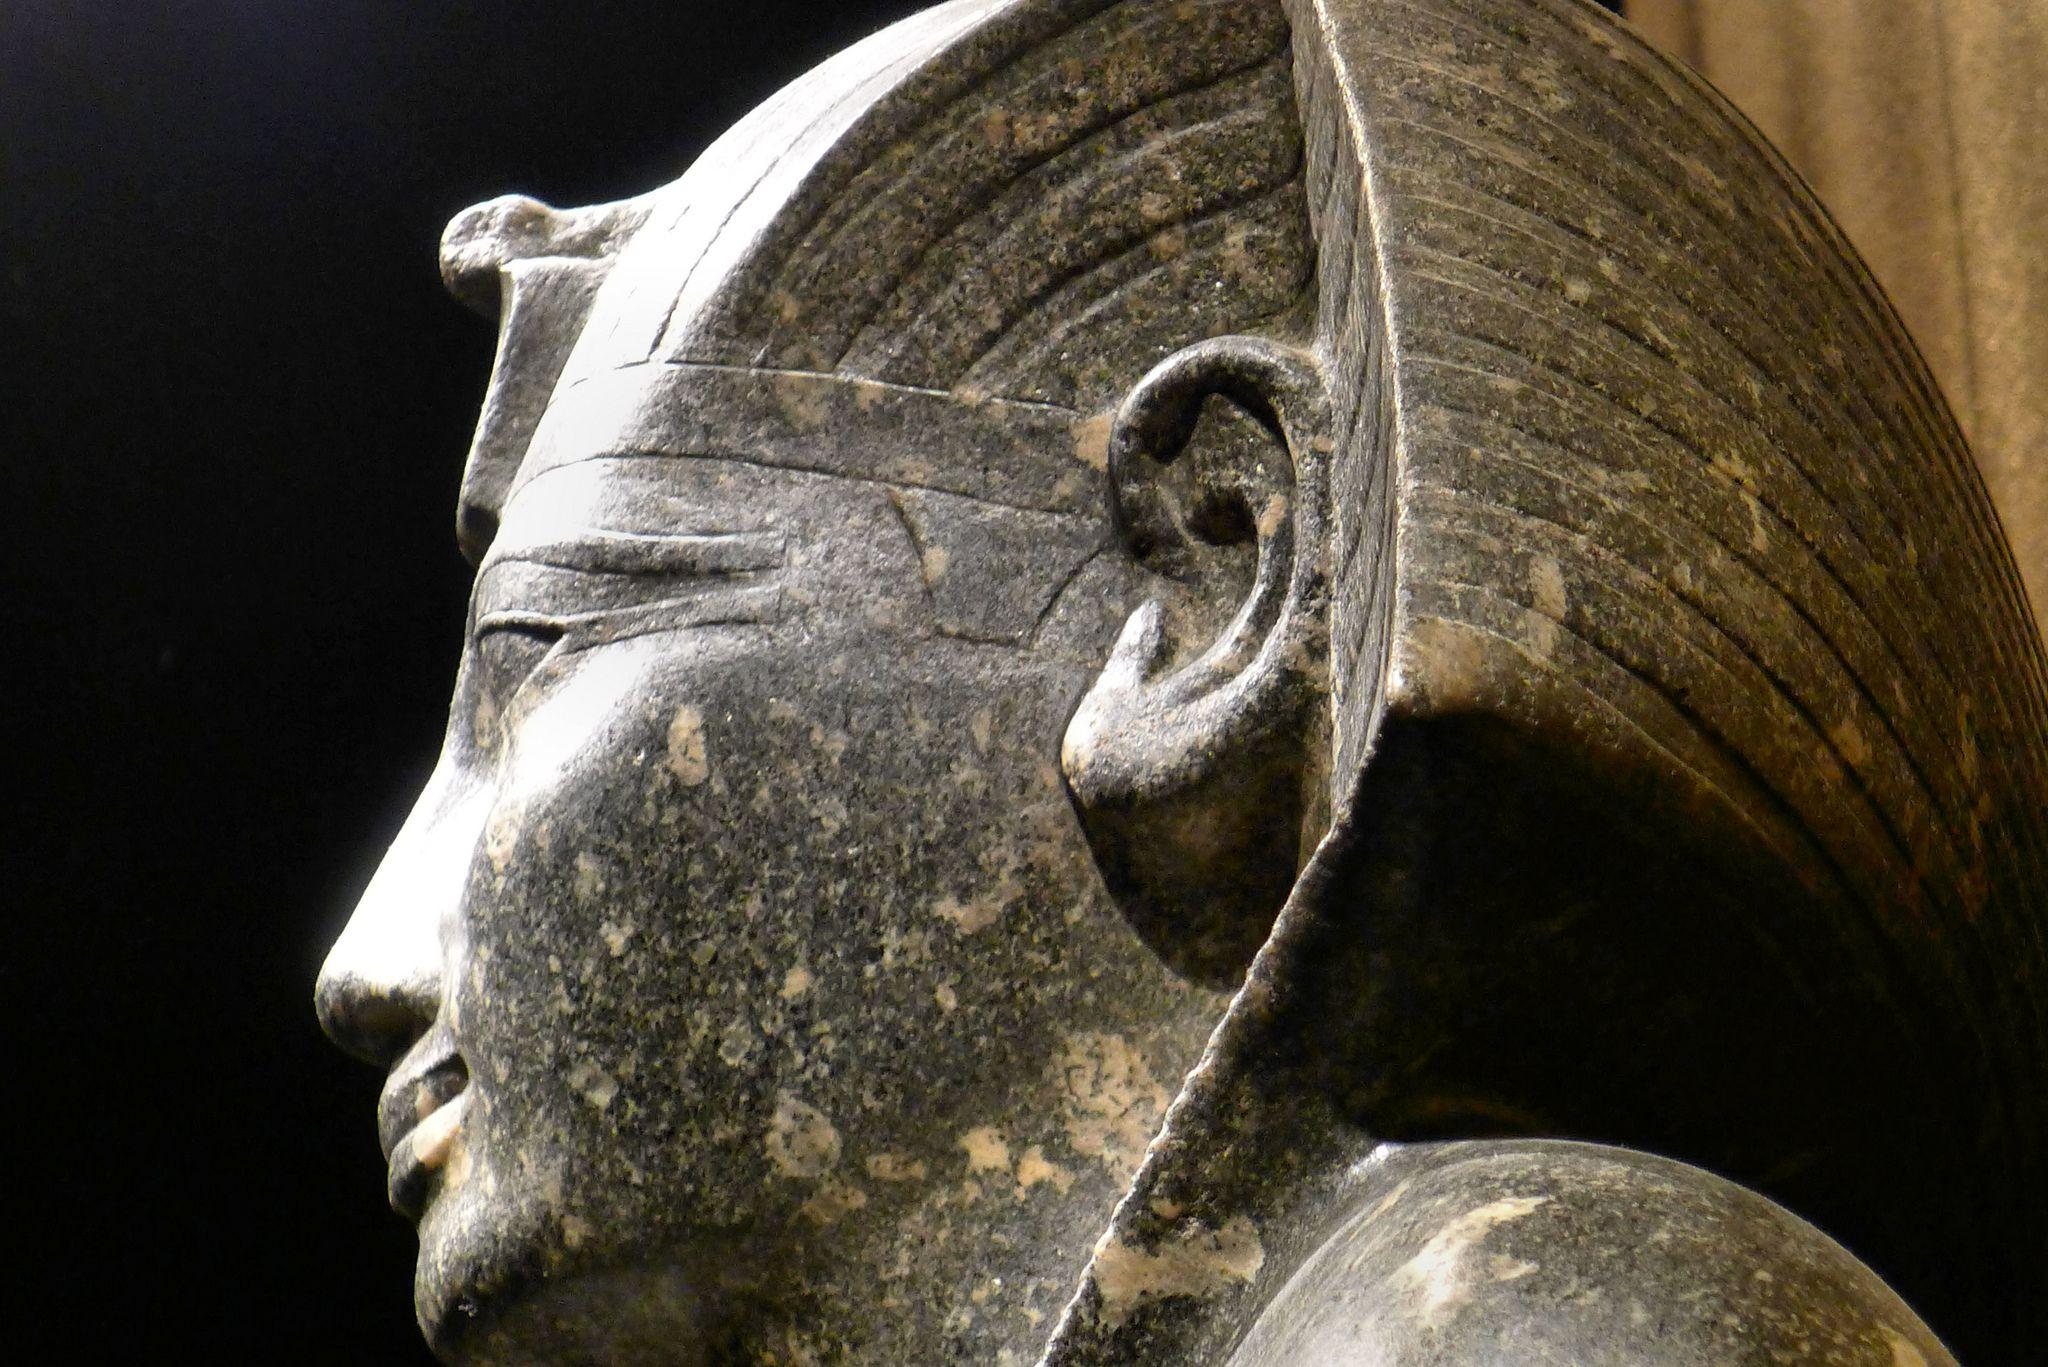 https://flic.kr/p/cFKSvC | Historisches Museum der Pfalz Speyer | Leihgabe aus dem Museum Turin  Sitzstatue Thutmosis I. Karnak Neues Reich, 18. Dyn. Diorit